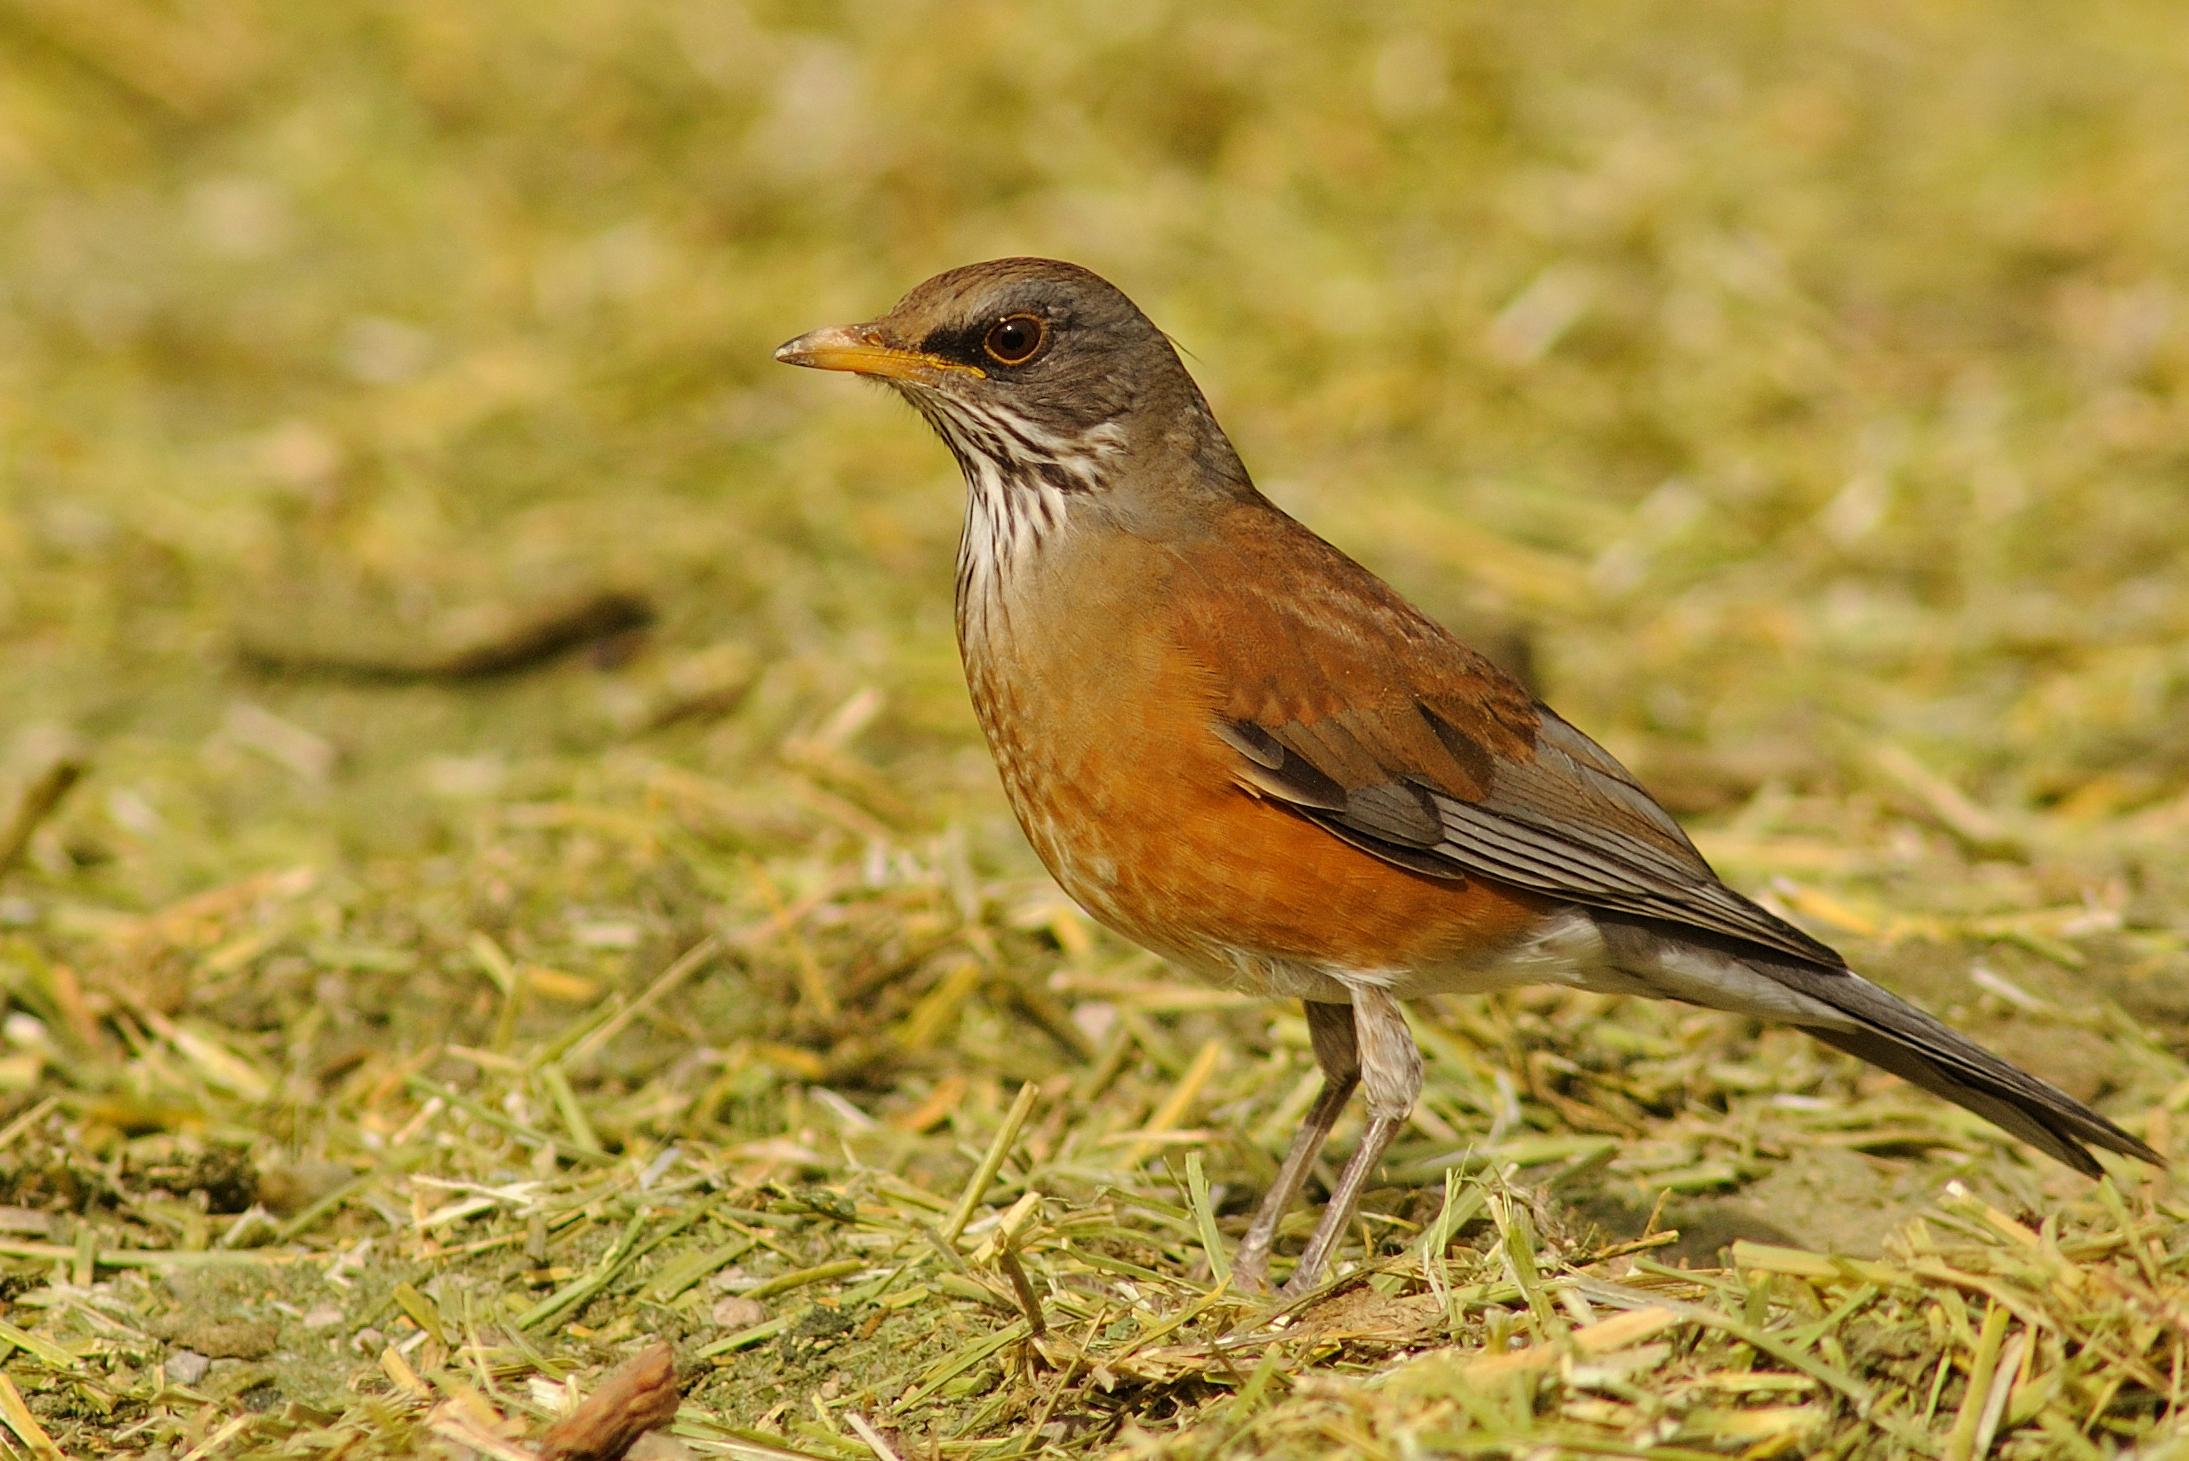 Rufous-backed Robin / Photo: Rick Fridell